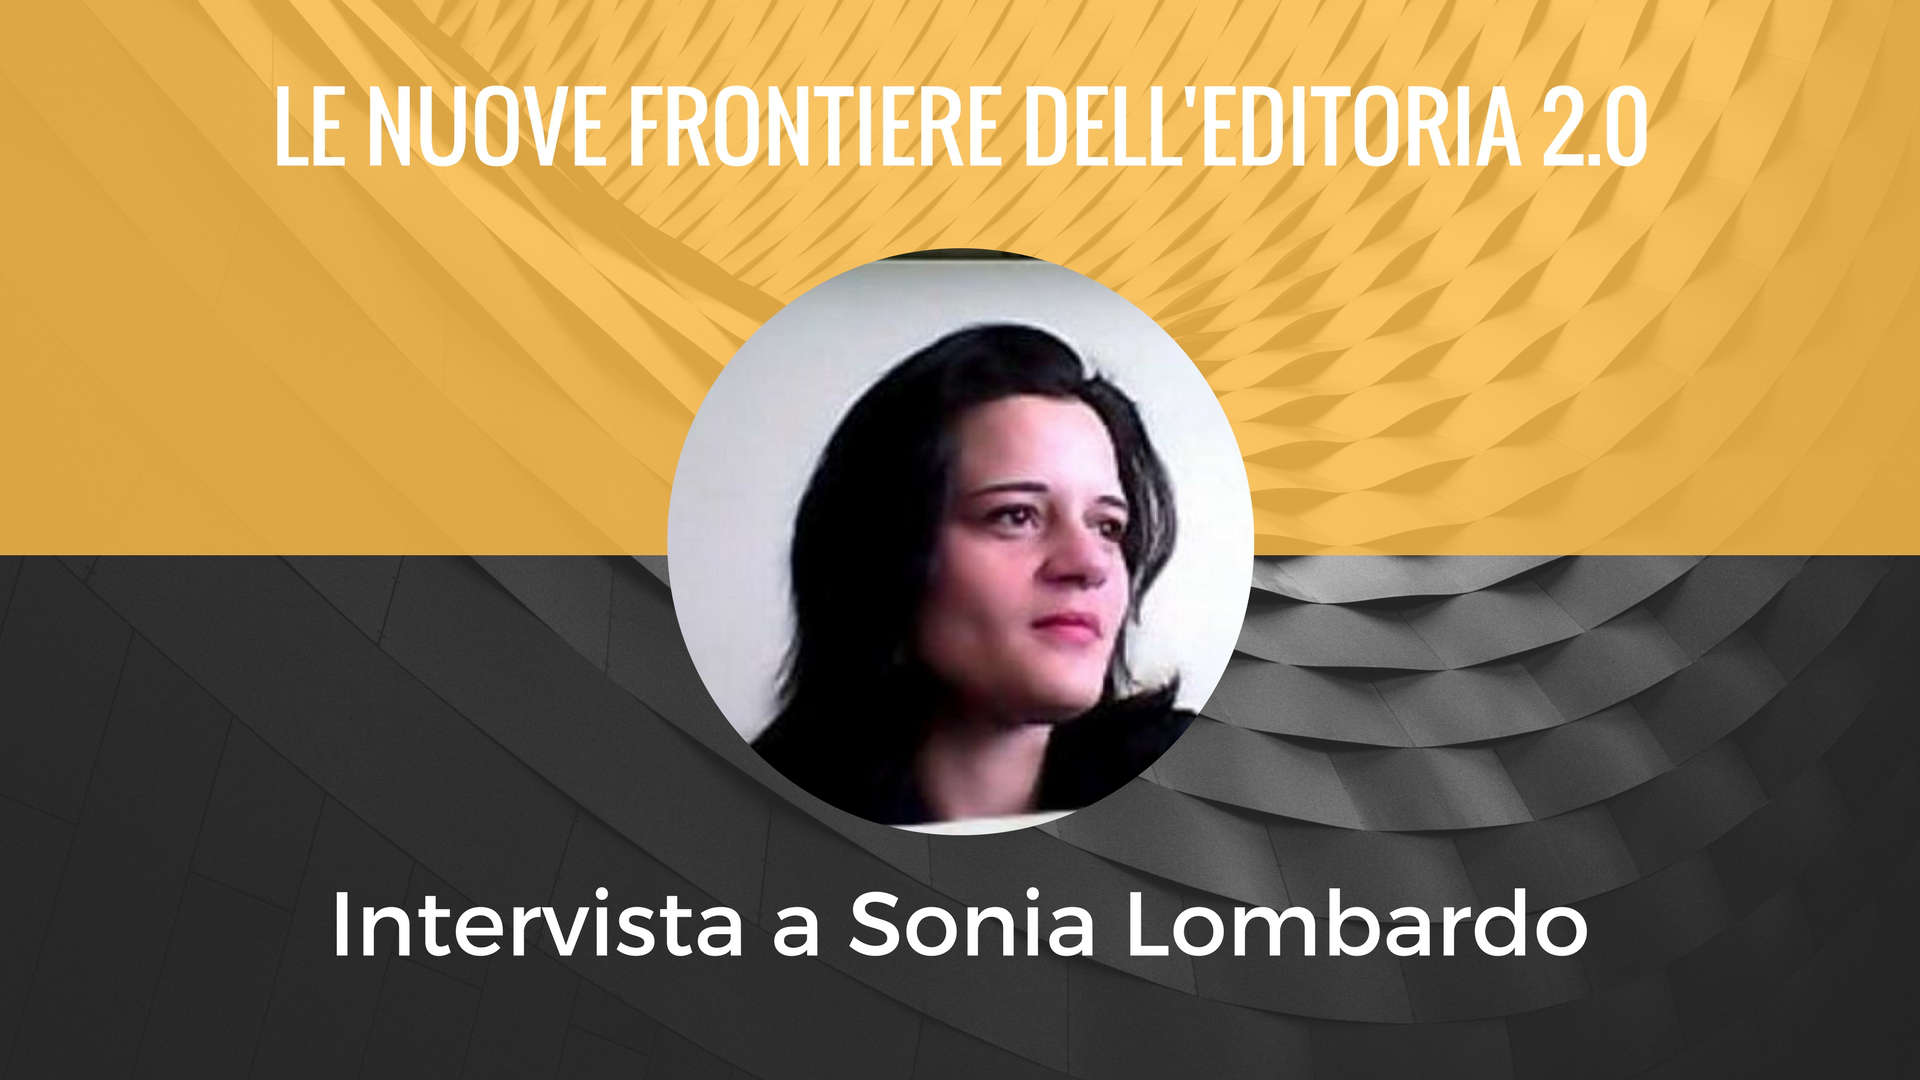 intervista a Sonia Lombardo